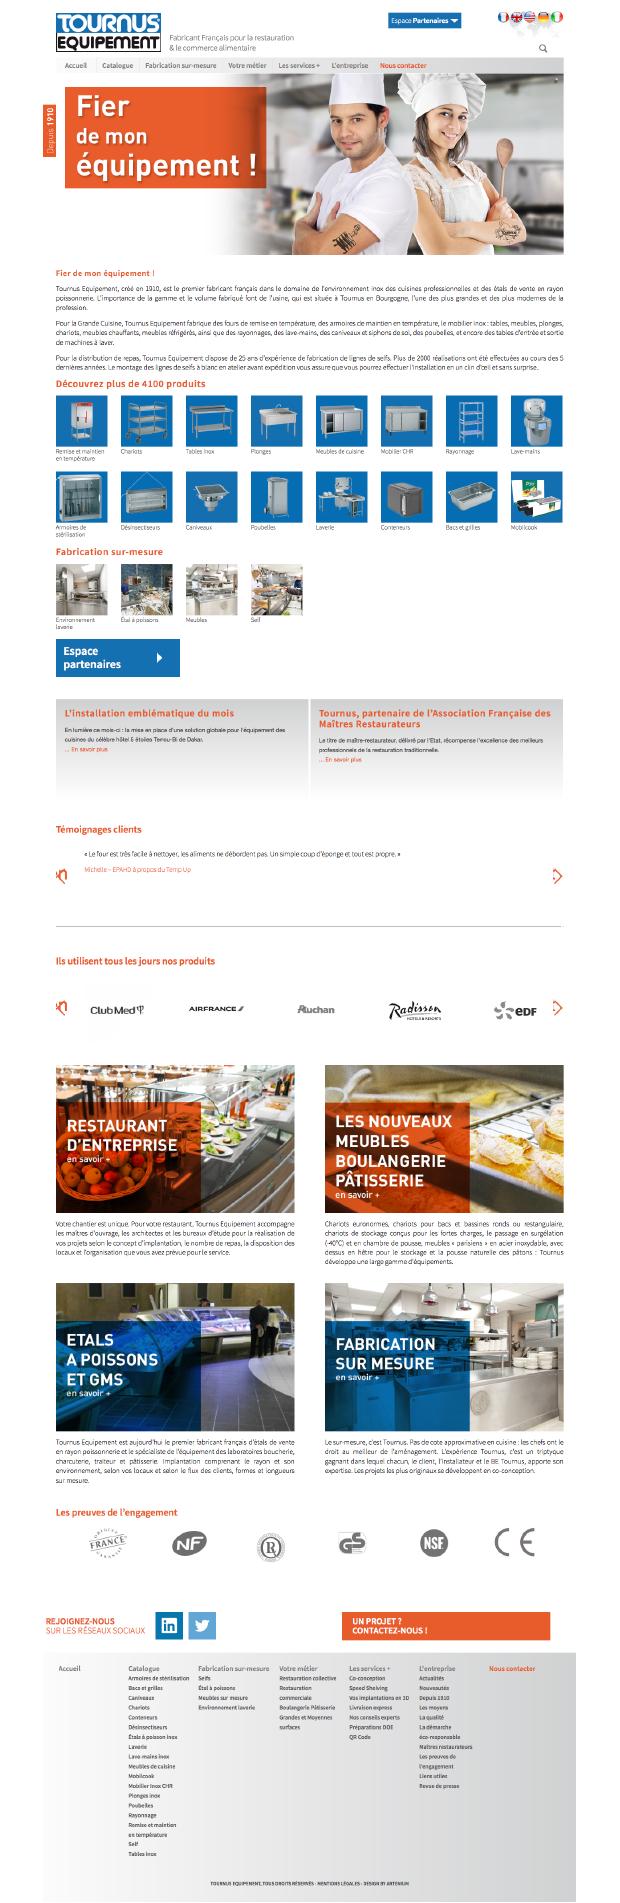 site-web-industrie-tournus-3